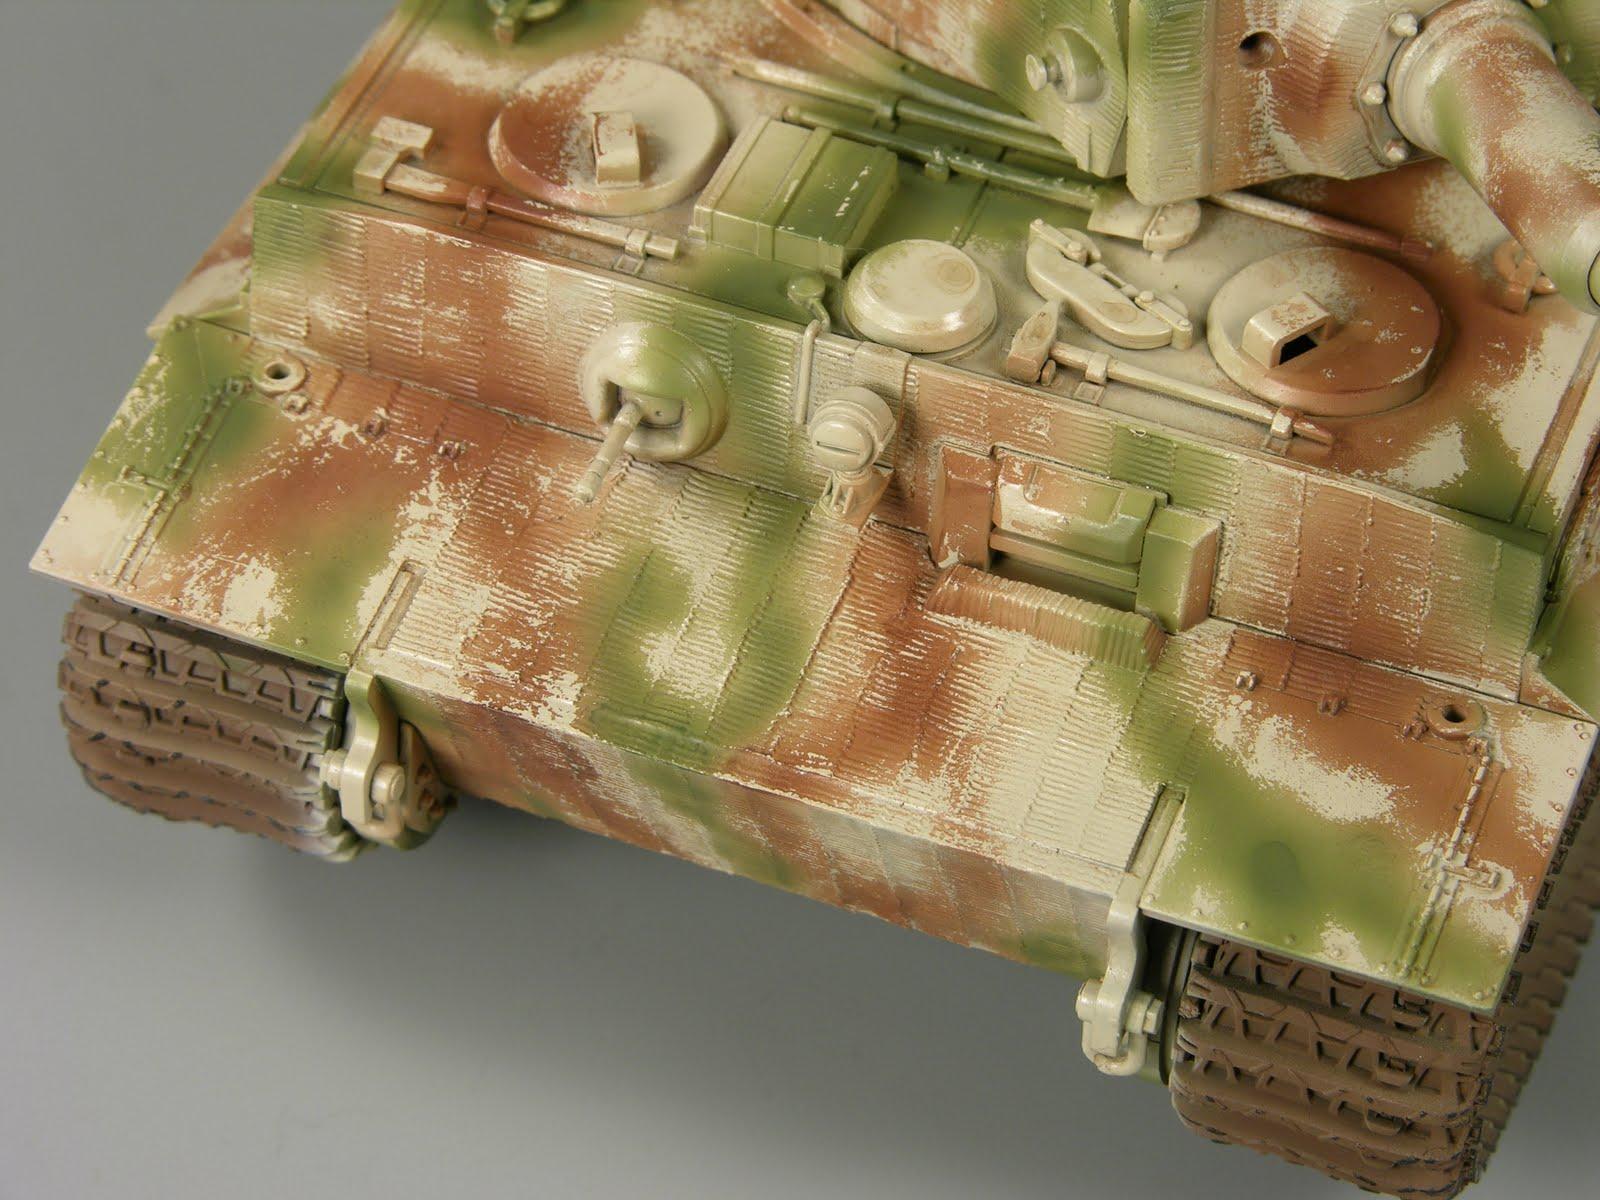 покраска моделей танков фото камуфляж нашей просьбе студию